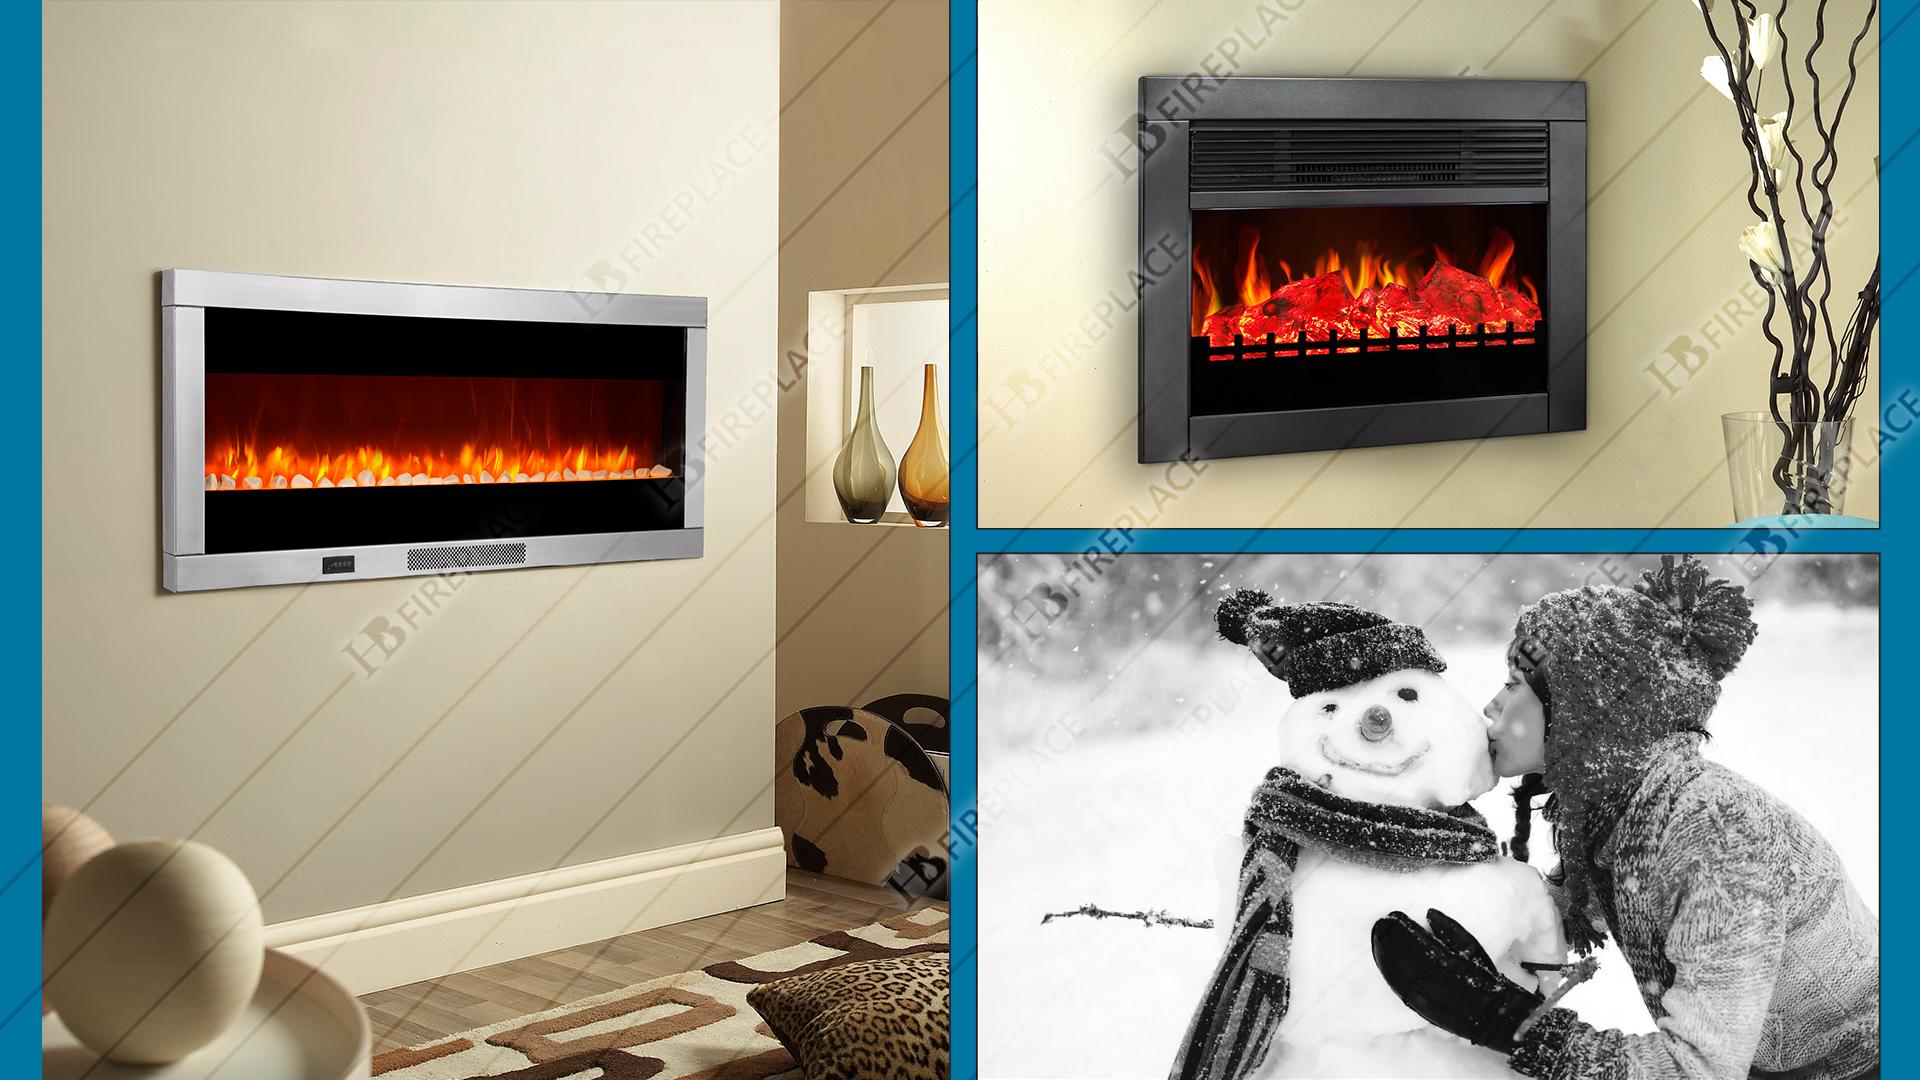 شومینه | شومینه برقی زمینی| شومینه زمینی طلایی|اچ بی ۰۳3 | HB fireplace | HB electric fireplace |